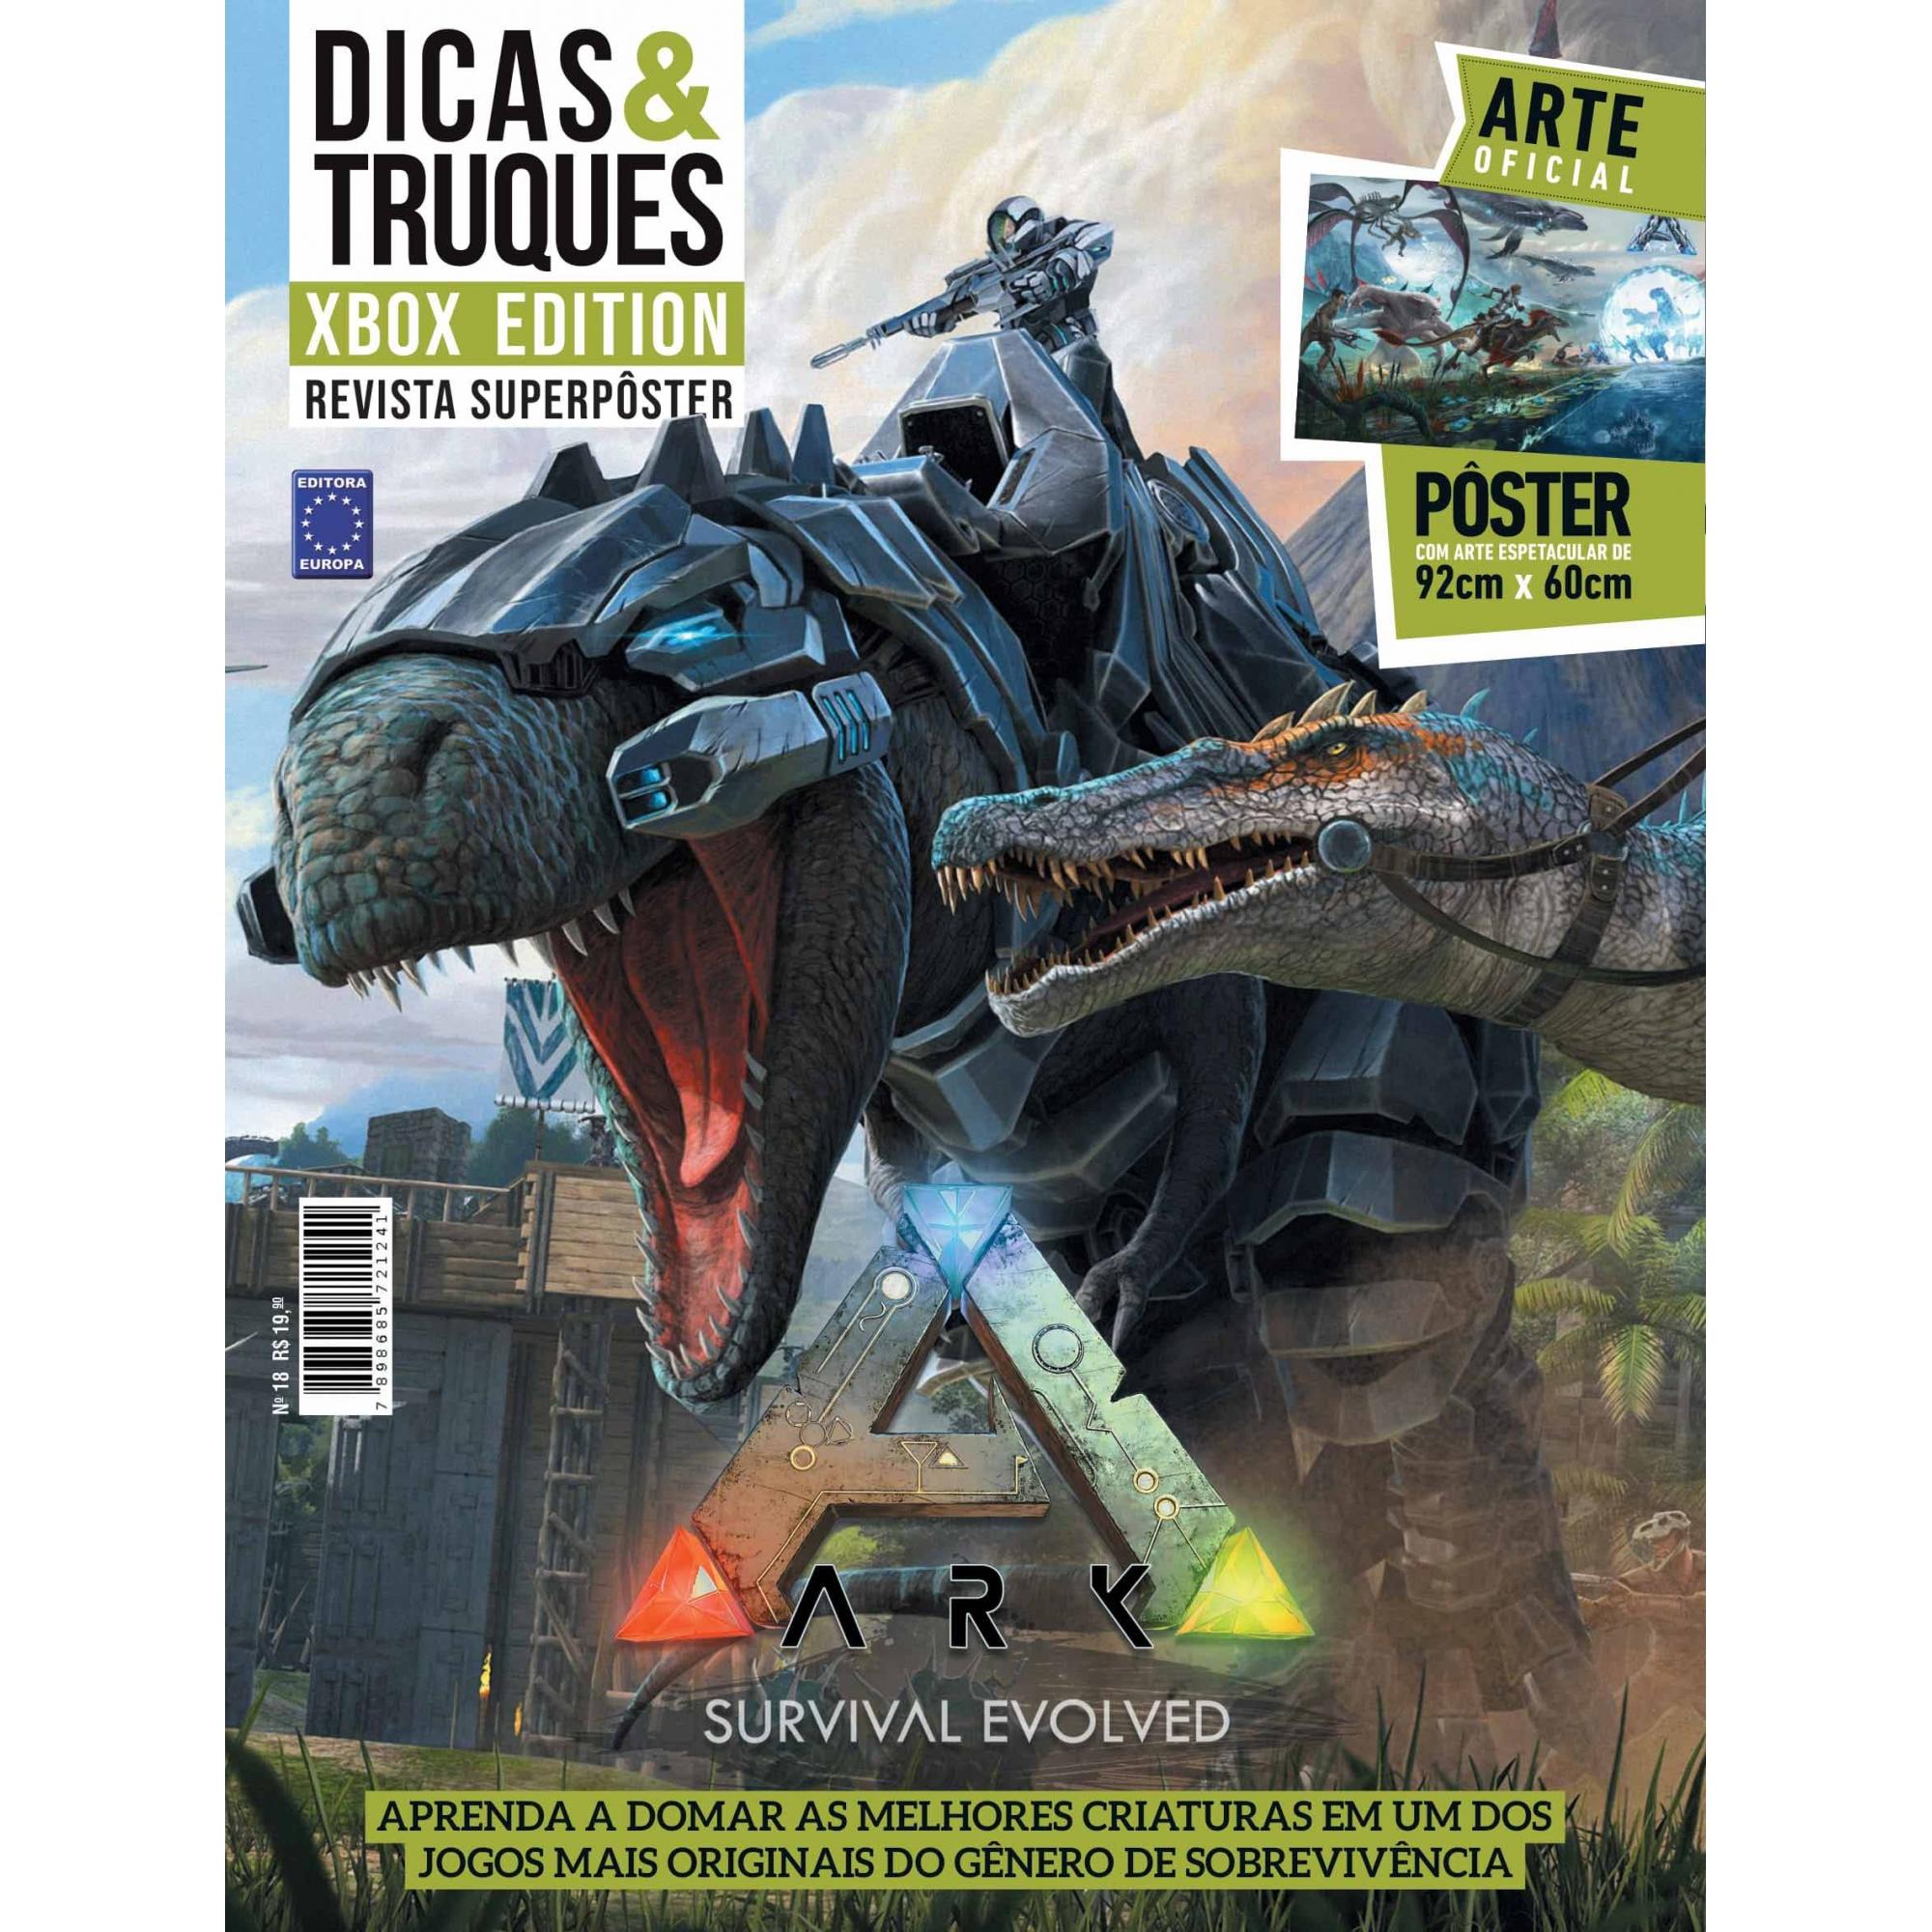 Revista Superpôster Dicas e Truques Xbox Edition - ARK Survival Evolved